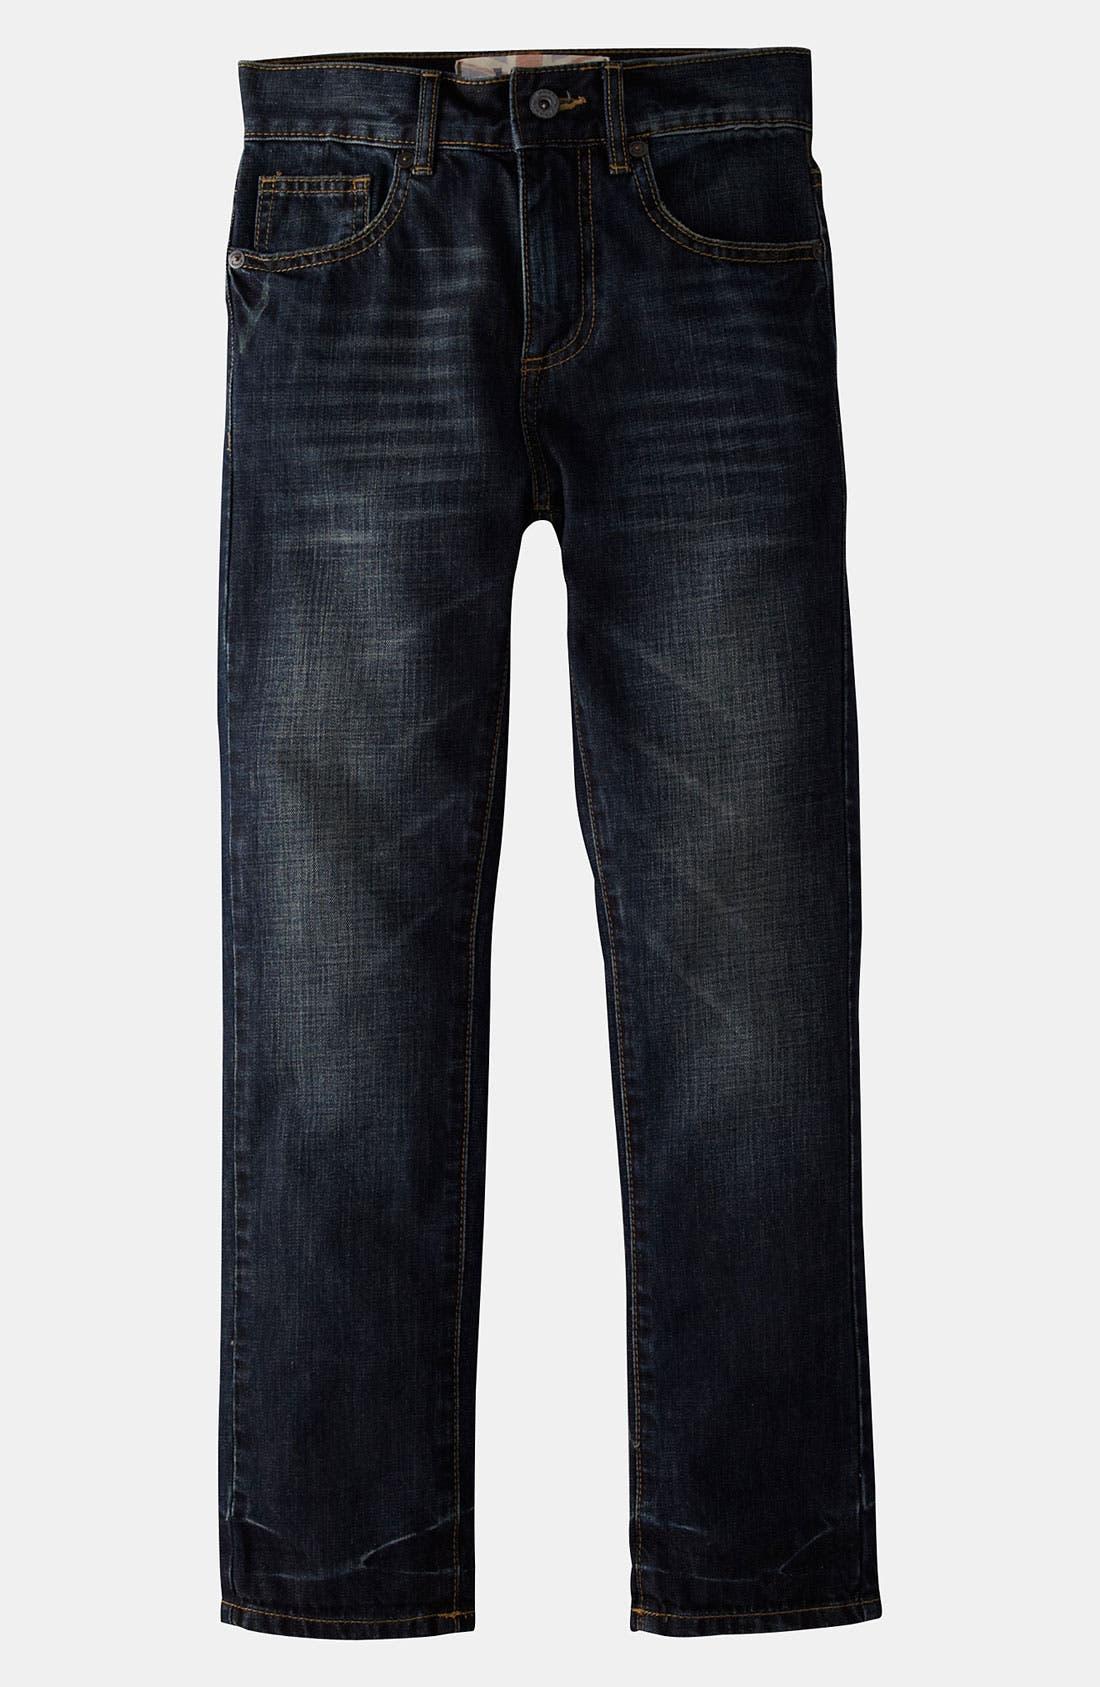 Alternate Image 1 Selected - Johnnie b Slim Fit Pants (Big Boys)